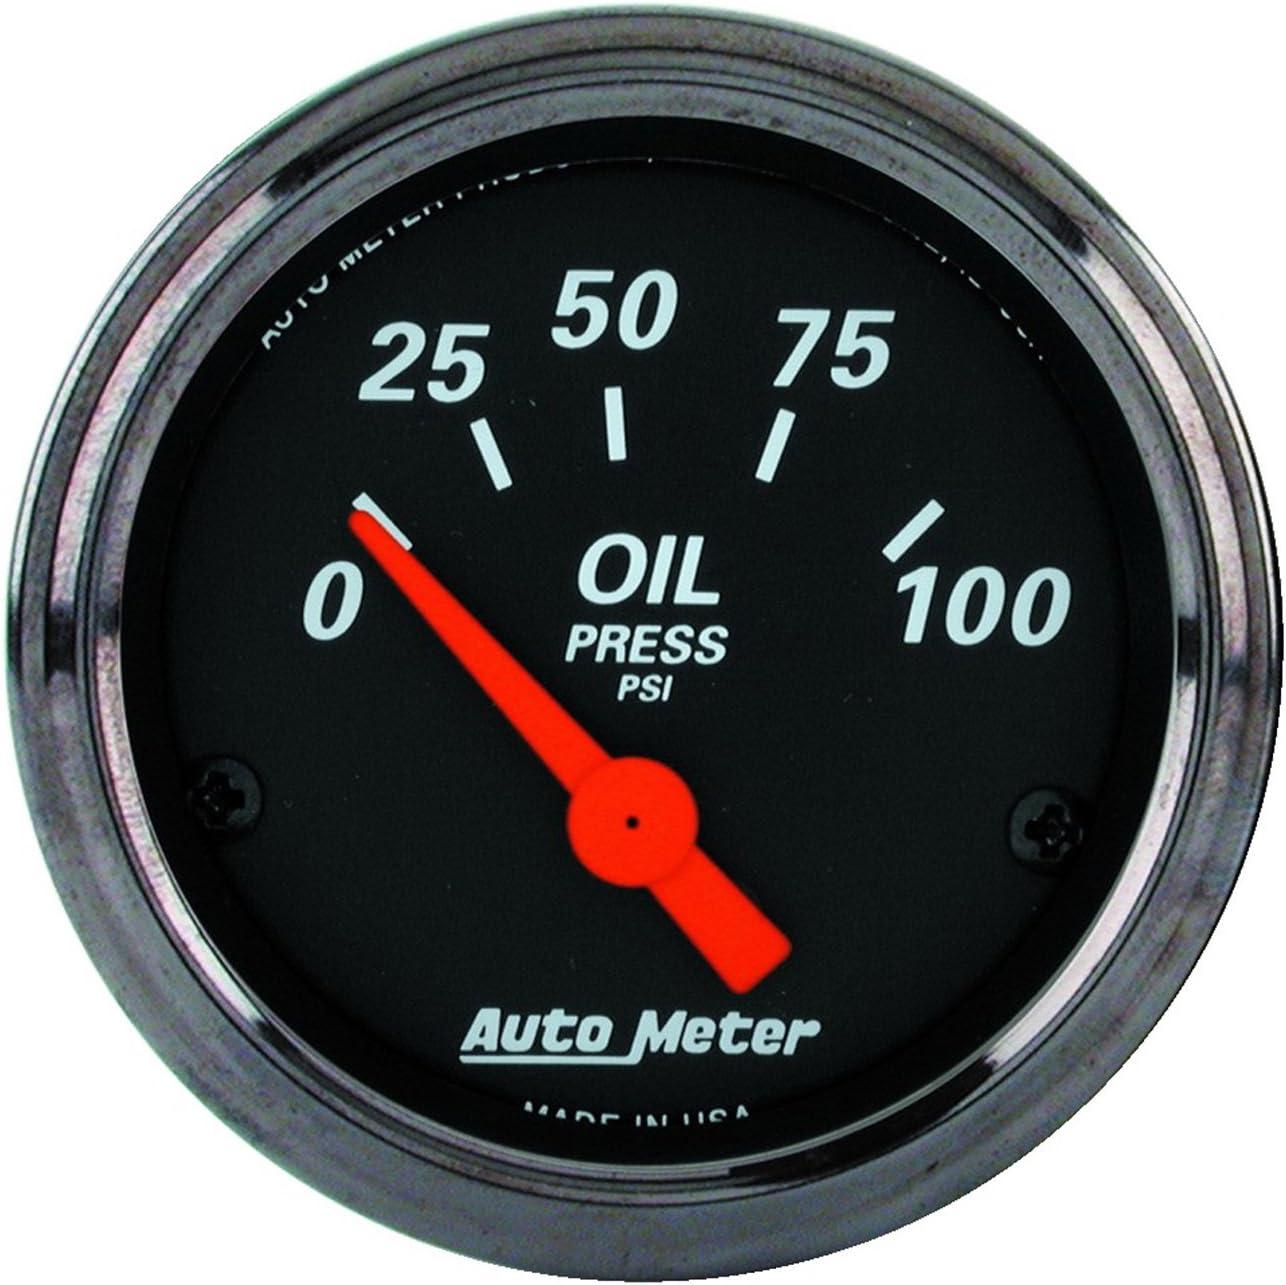 Auto Meter 1427 Designer Black Oil Pressure Gauge